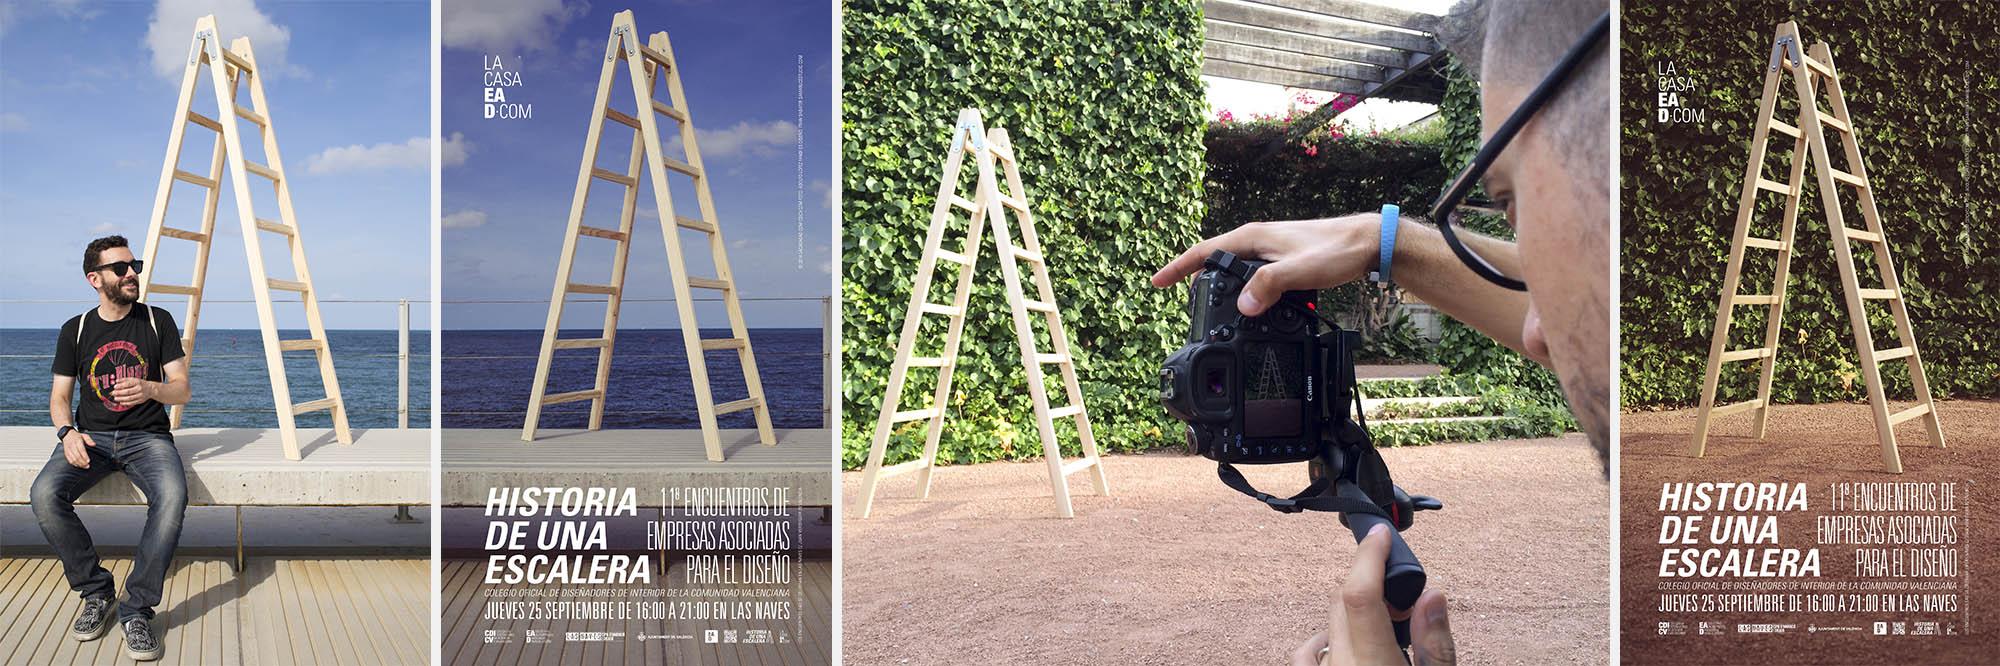 Encuentros EAD 2014 | Proyecto de diseño gráfico para el CDICV Colegio Oficial de Diseñadores de Interior de la Comunidad Valenciana | samarucestudio.com